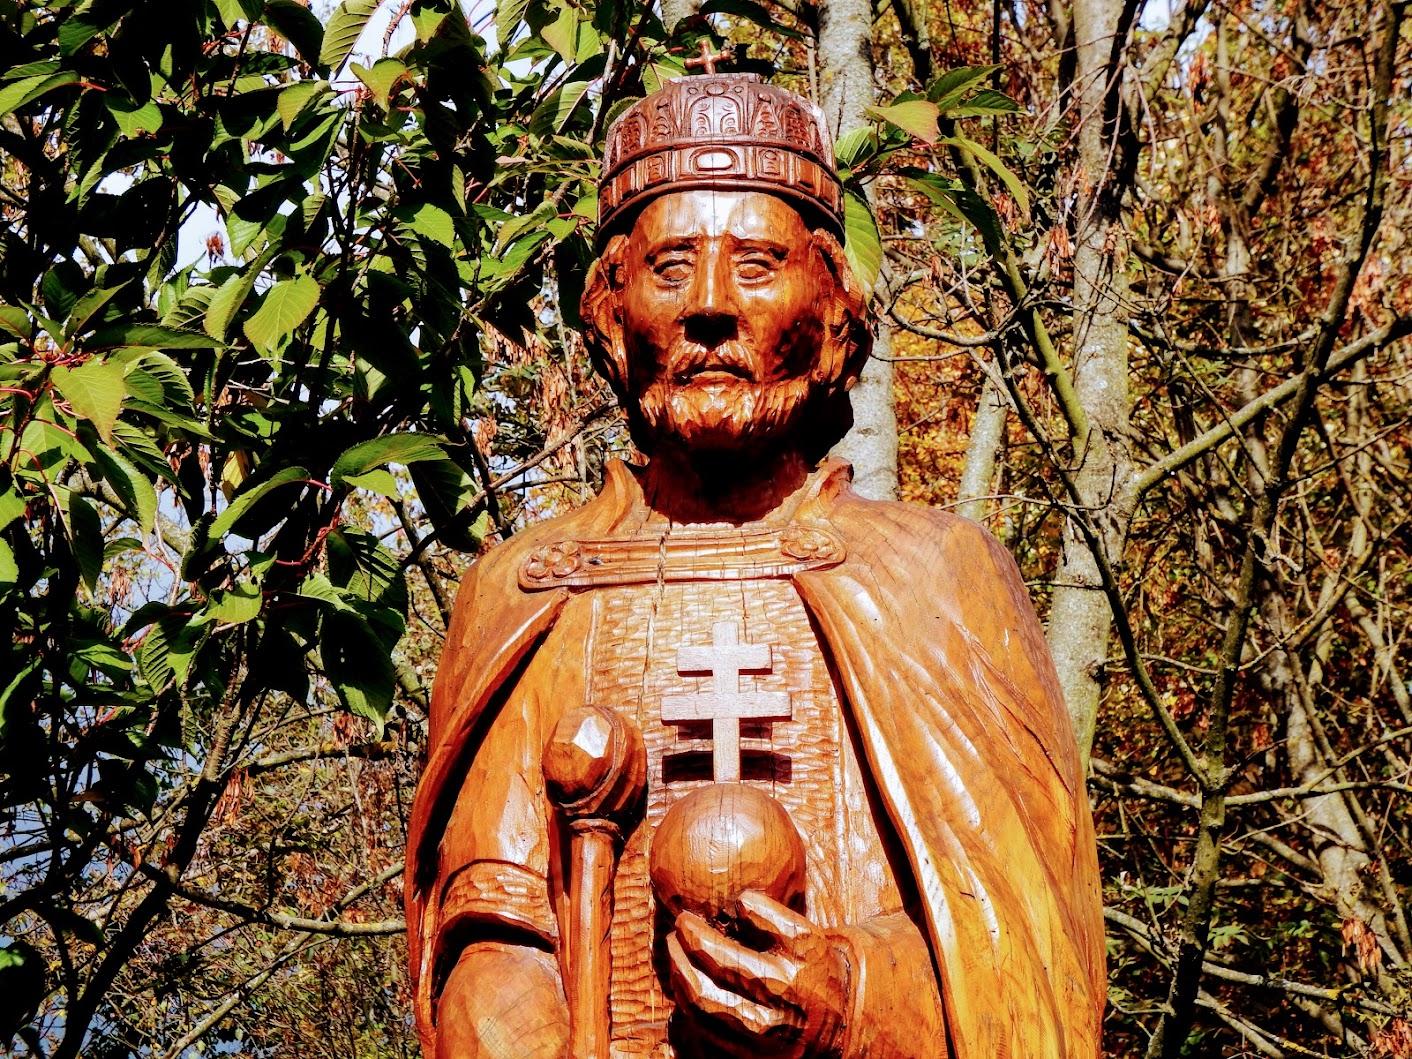 Velem - Első Magyar Szentcsalád (Szent István király, Boldog Gizella és Szent Imre herceg)